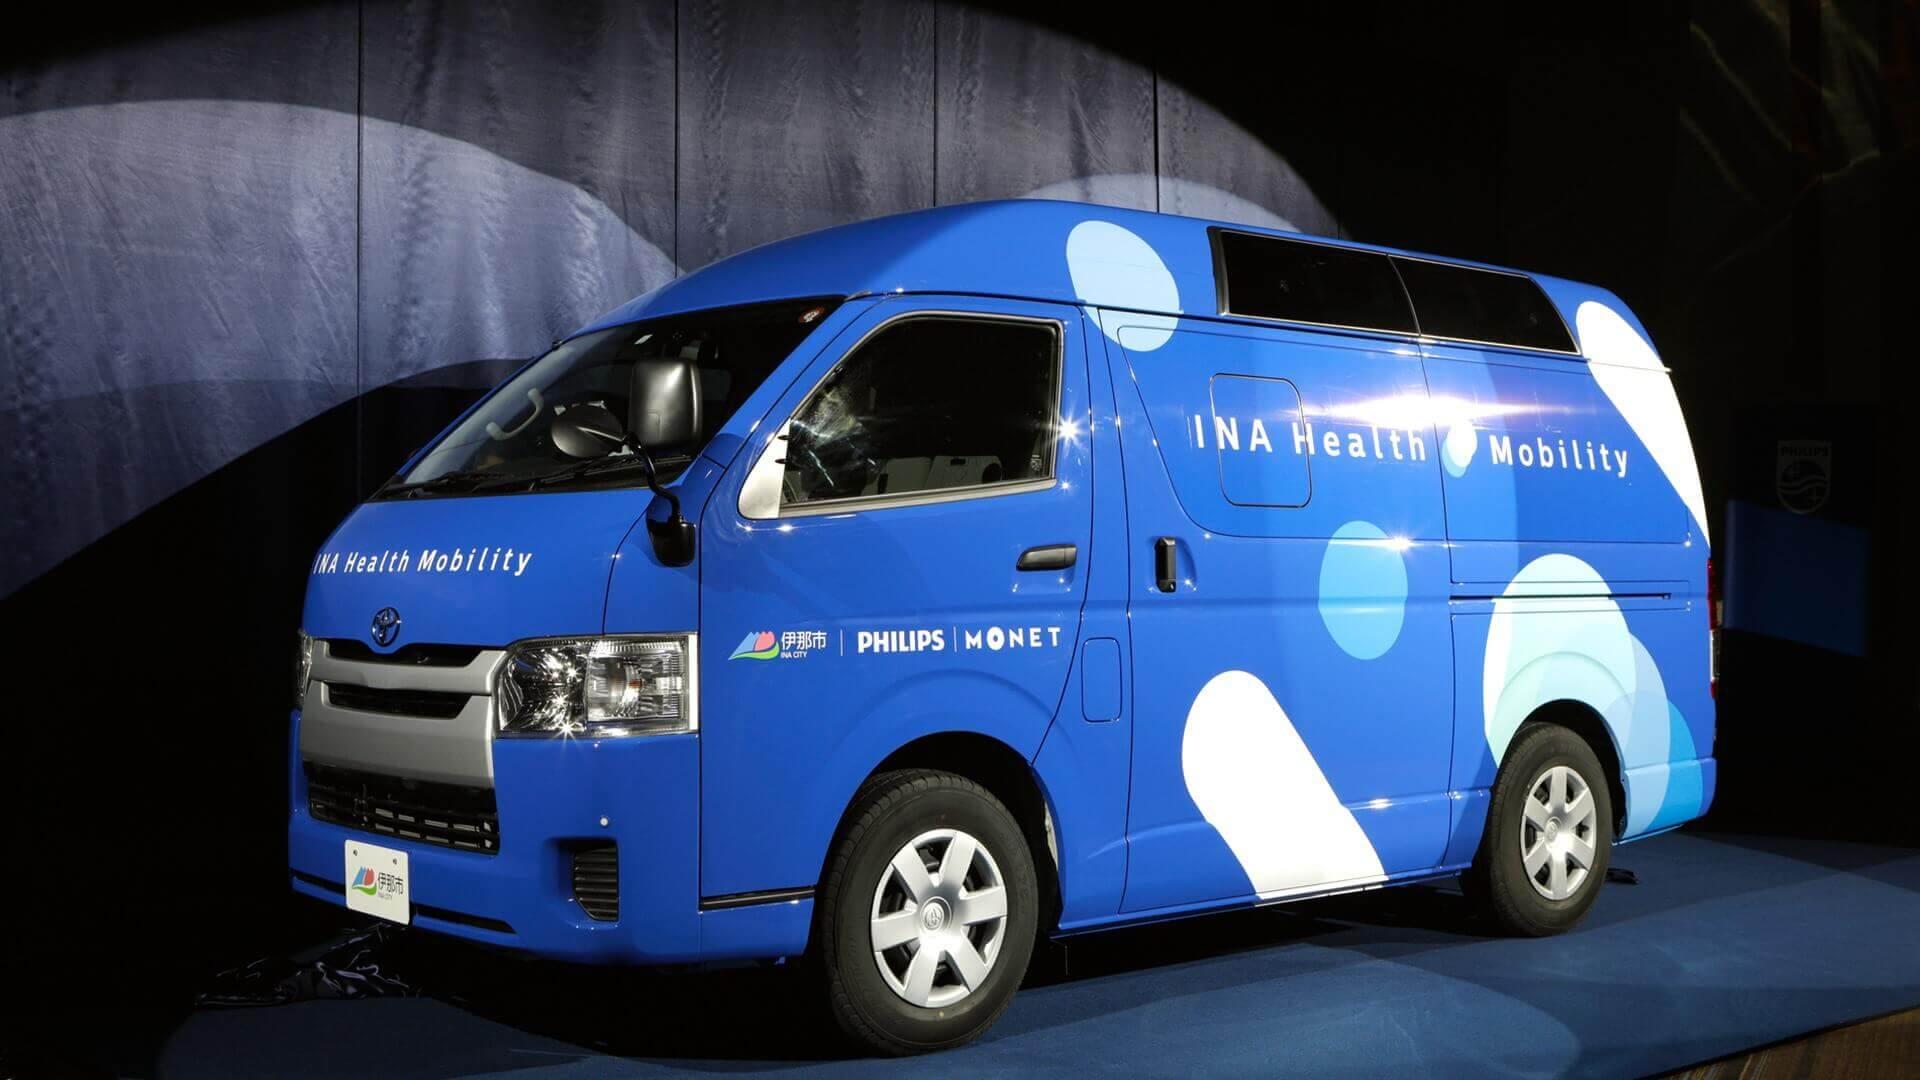 公開された「ヘルスケアモビリティ」の車両